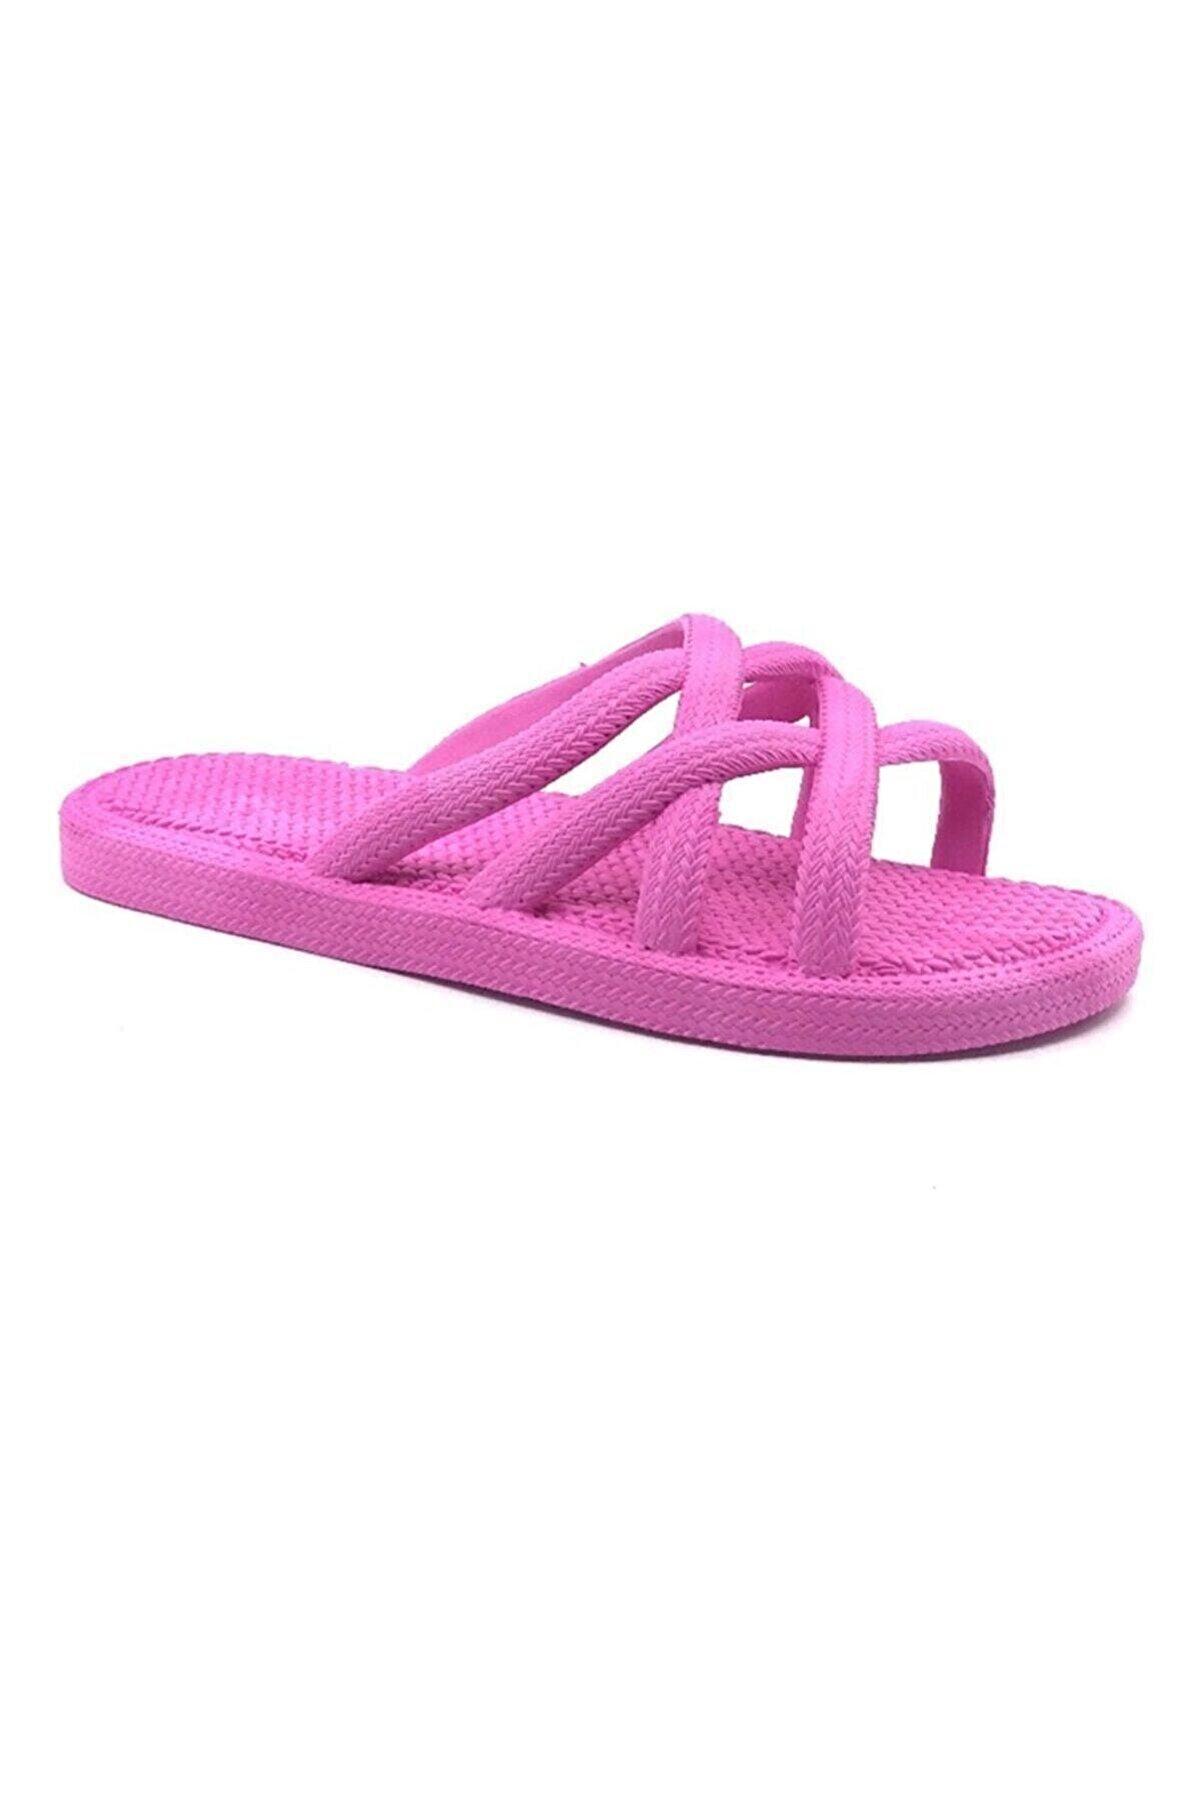 Gezer Kadın Hasır Gorunum Yazlık Havuz Deniz Banyo Plaj Ve Günlük Terlik- Altın Adım Ayakkabı